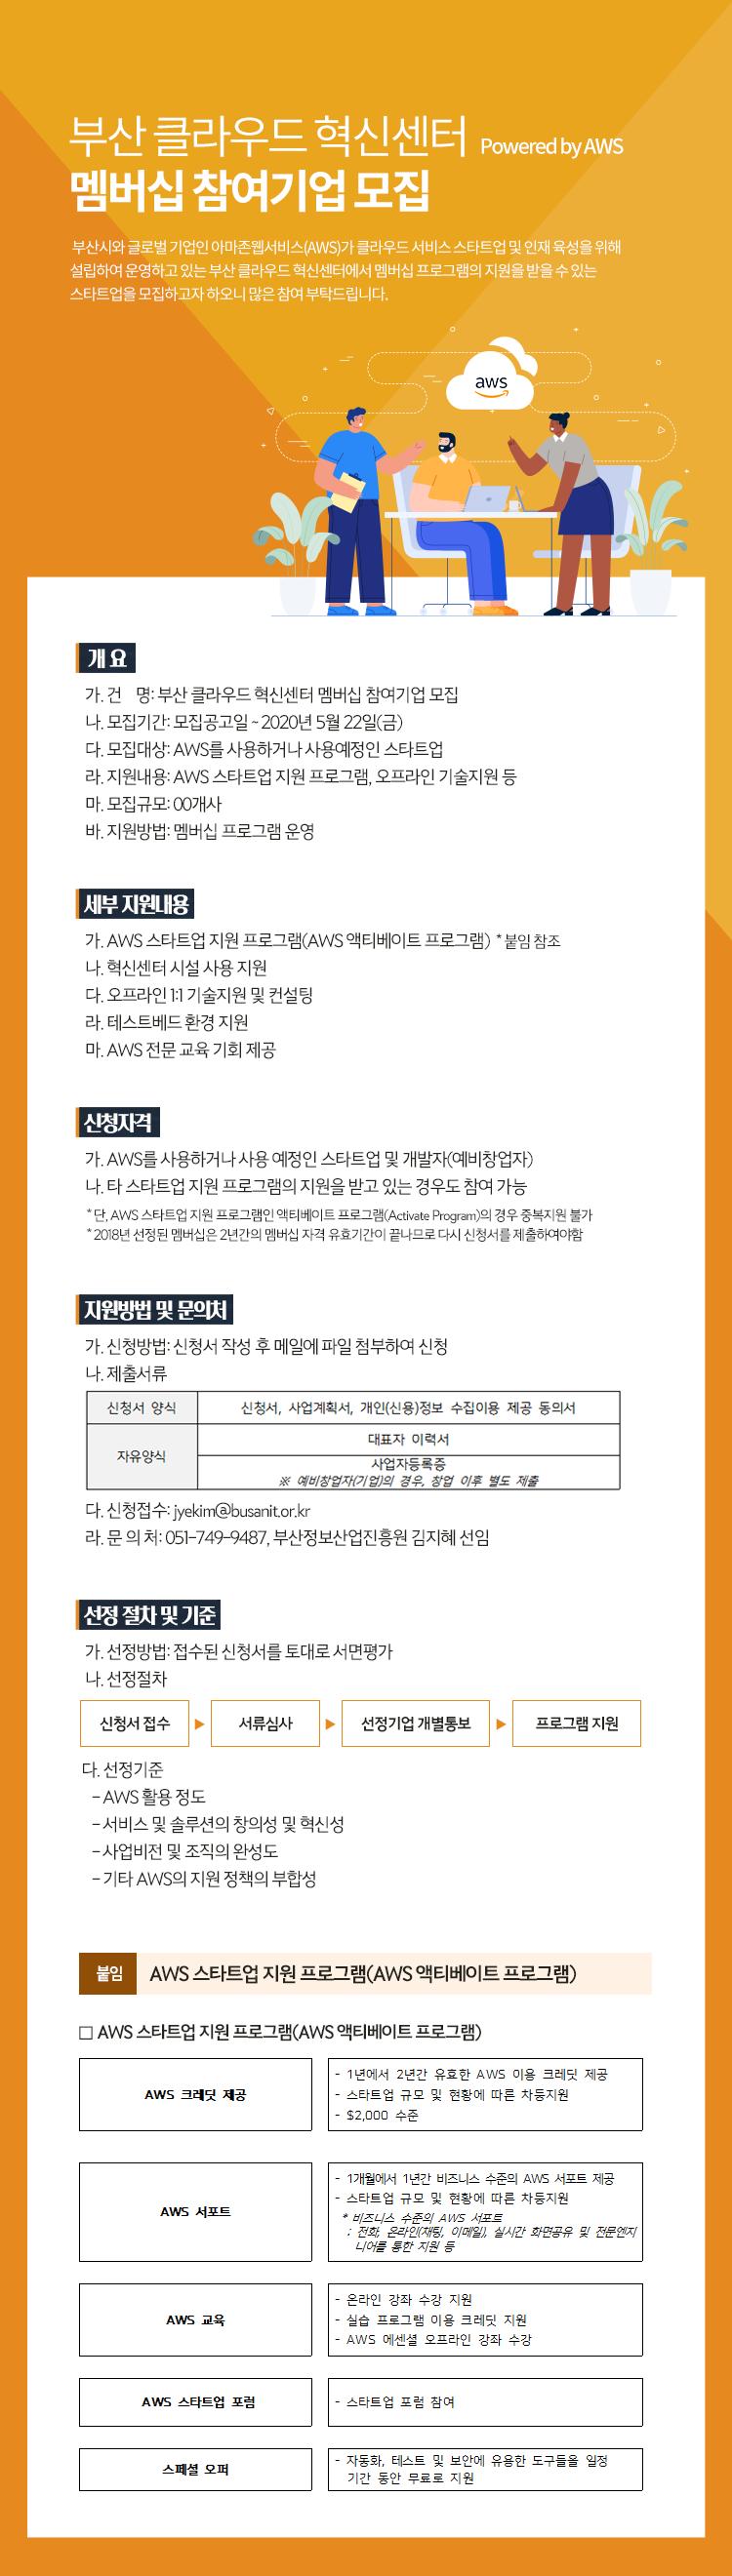 부산 클라우드 혁신센터 Powered by AWS 멤버십 참여기업 모집